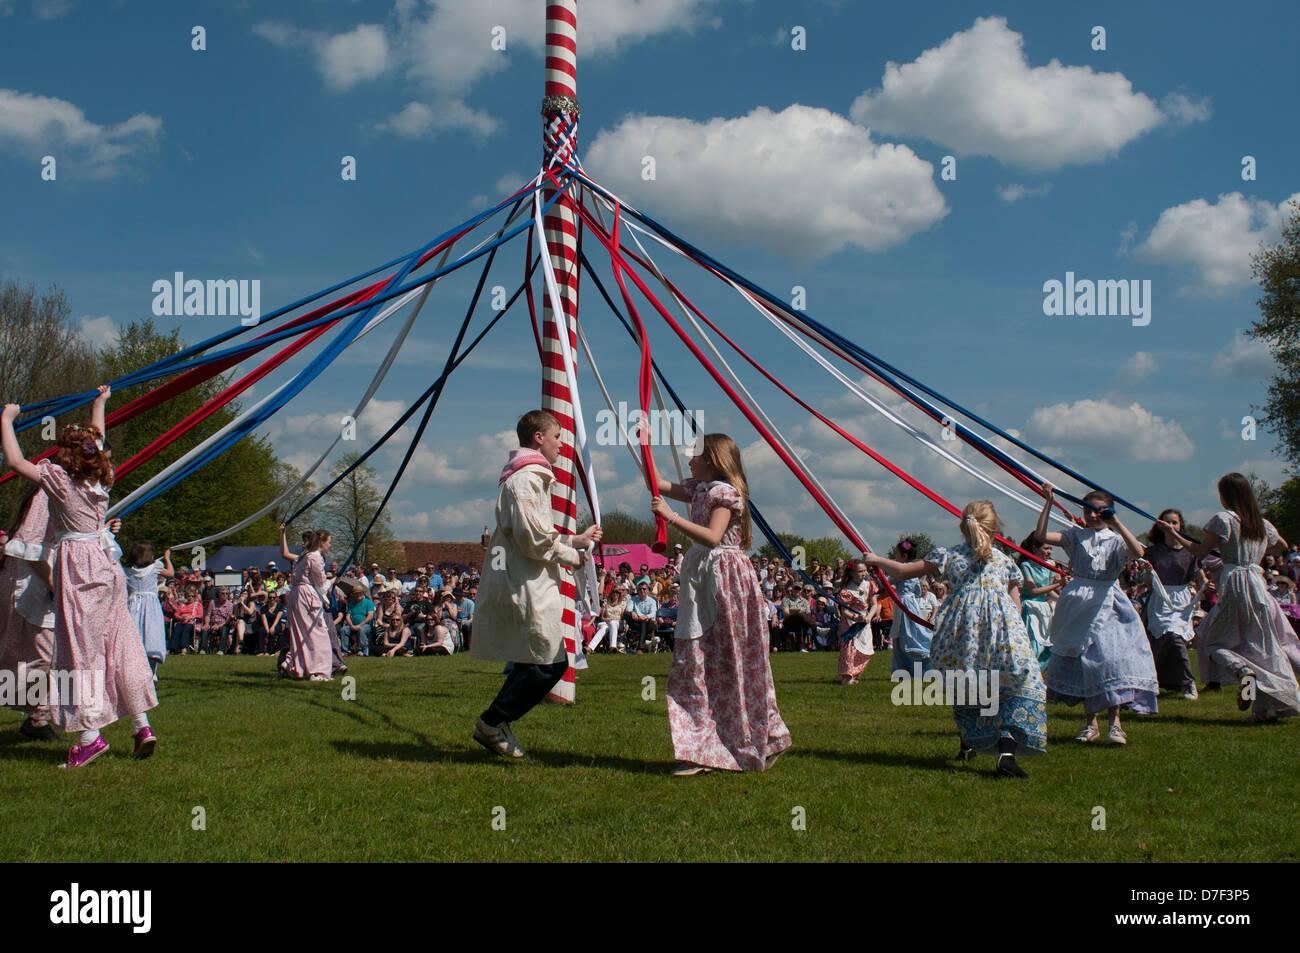 Maibaum Tanz, Ickwell, Bedfordshire, England, Mai 2013. Kinder tanzen um den Maibaum auf dem Dorfplatz in Ickwell. Stockbild